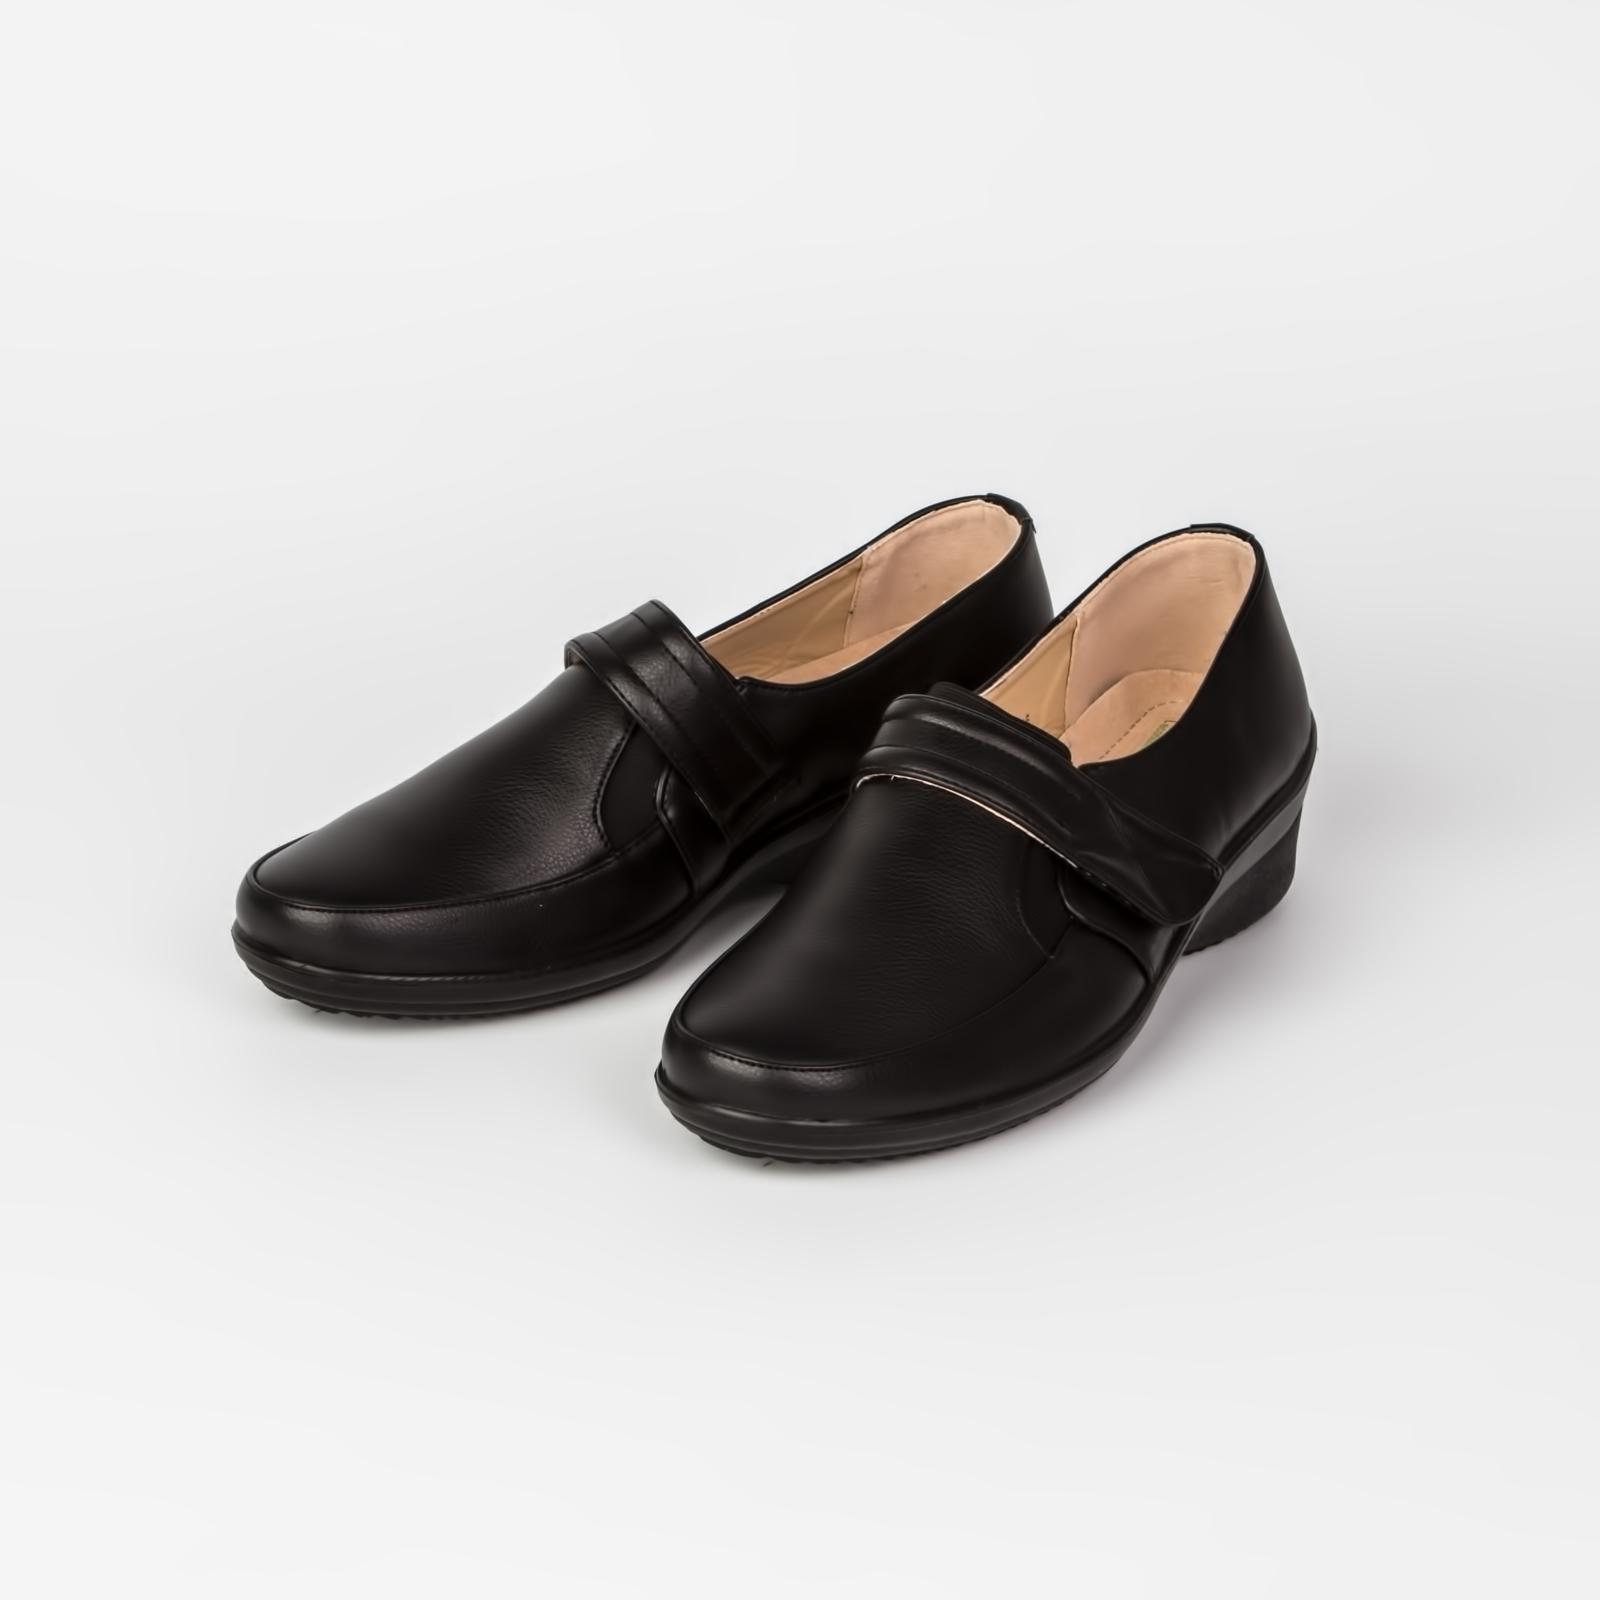 Ботинки женские на липучке с эластичной вставкой